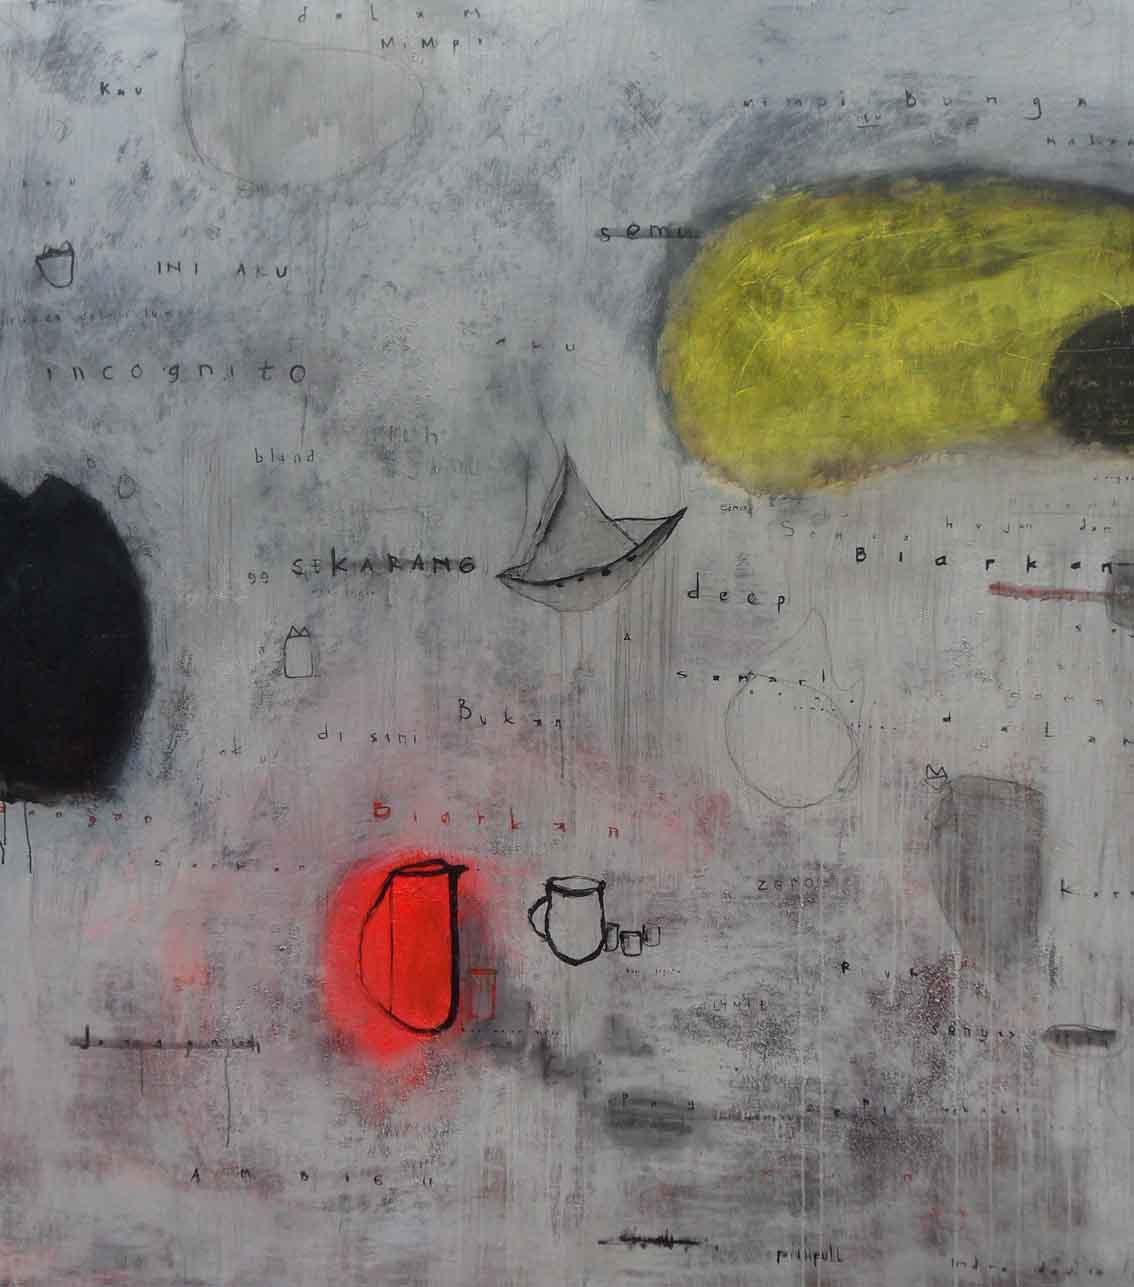 200cm x 180cm, AOC, 2011, incognito (2)